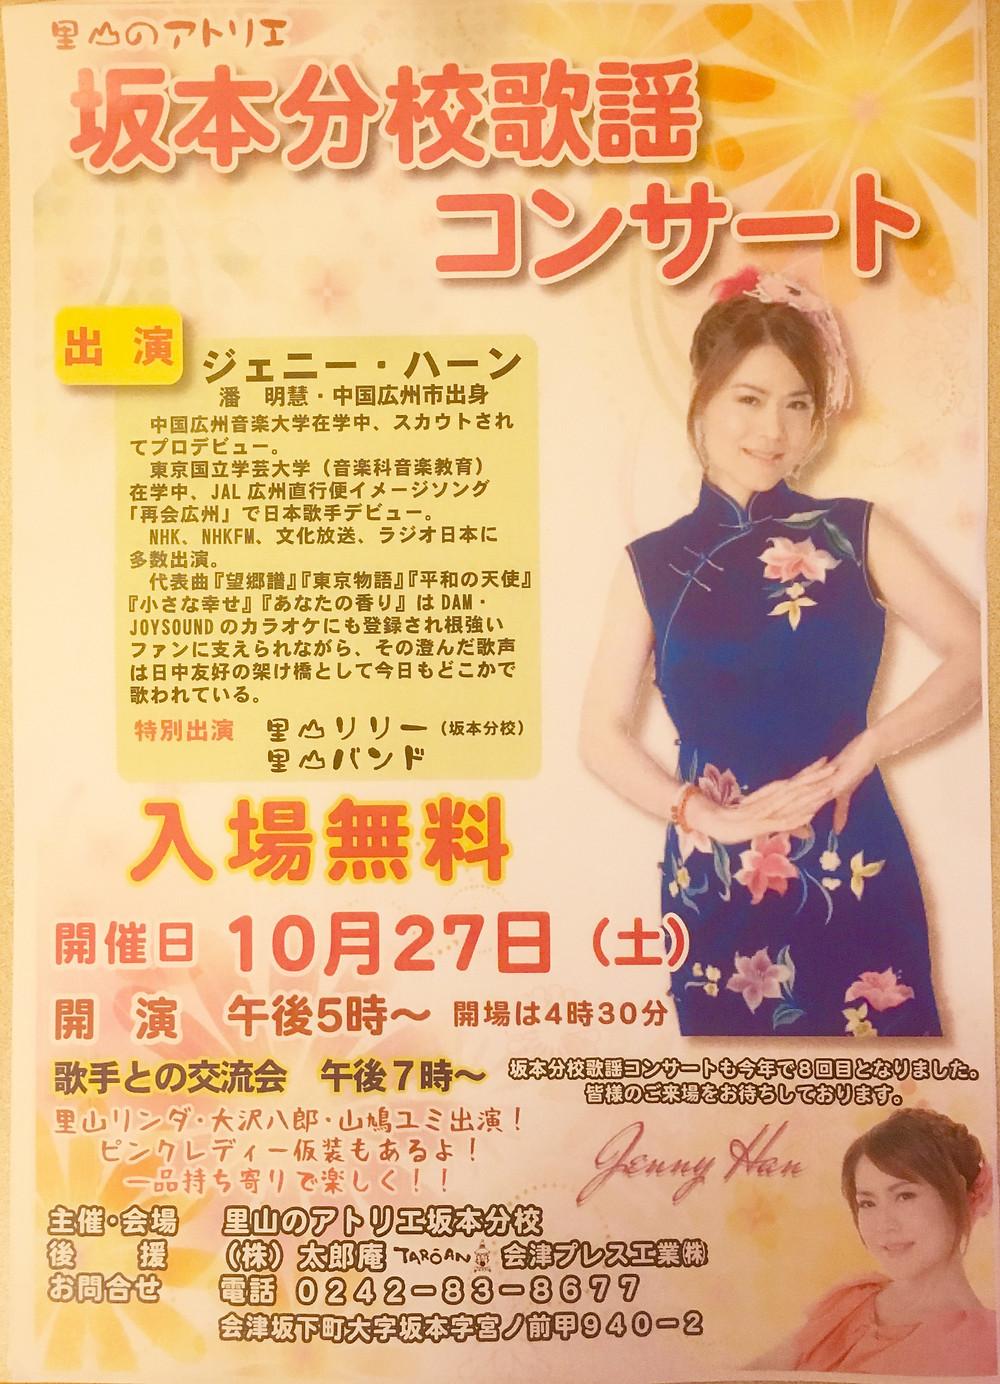 坂本分校歌謡コンサートに呼んで頂きました。